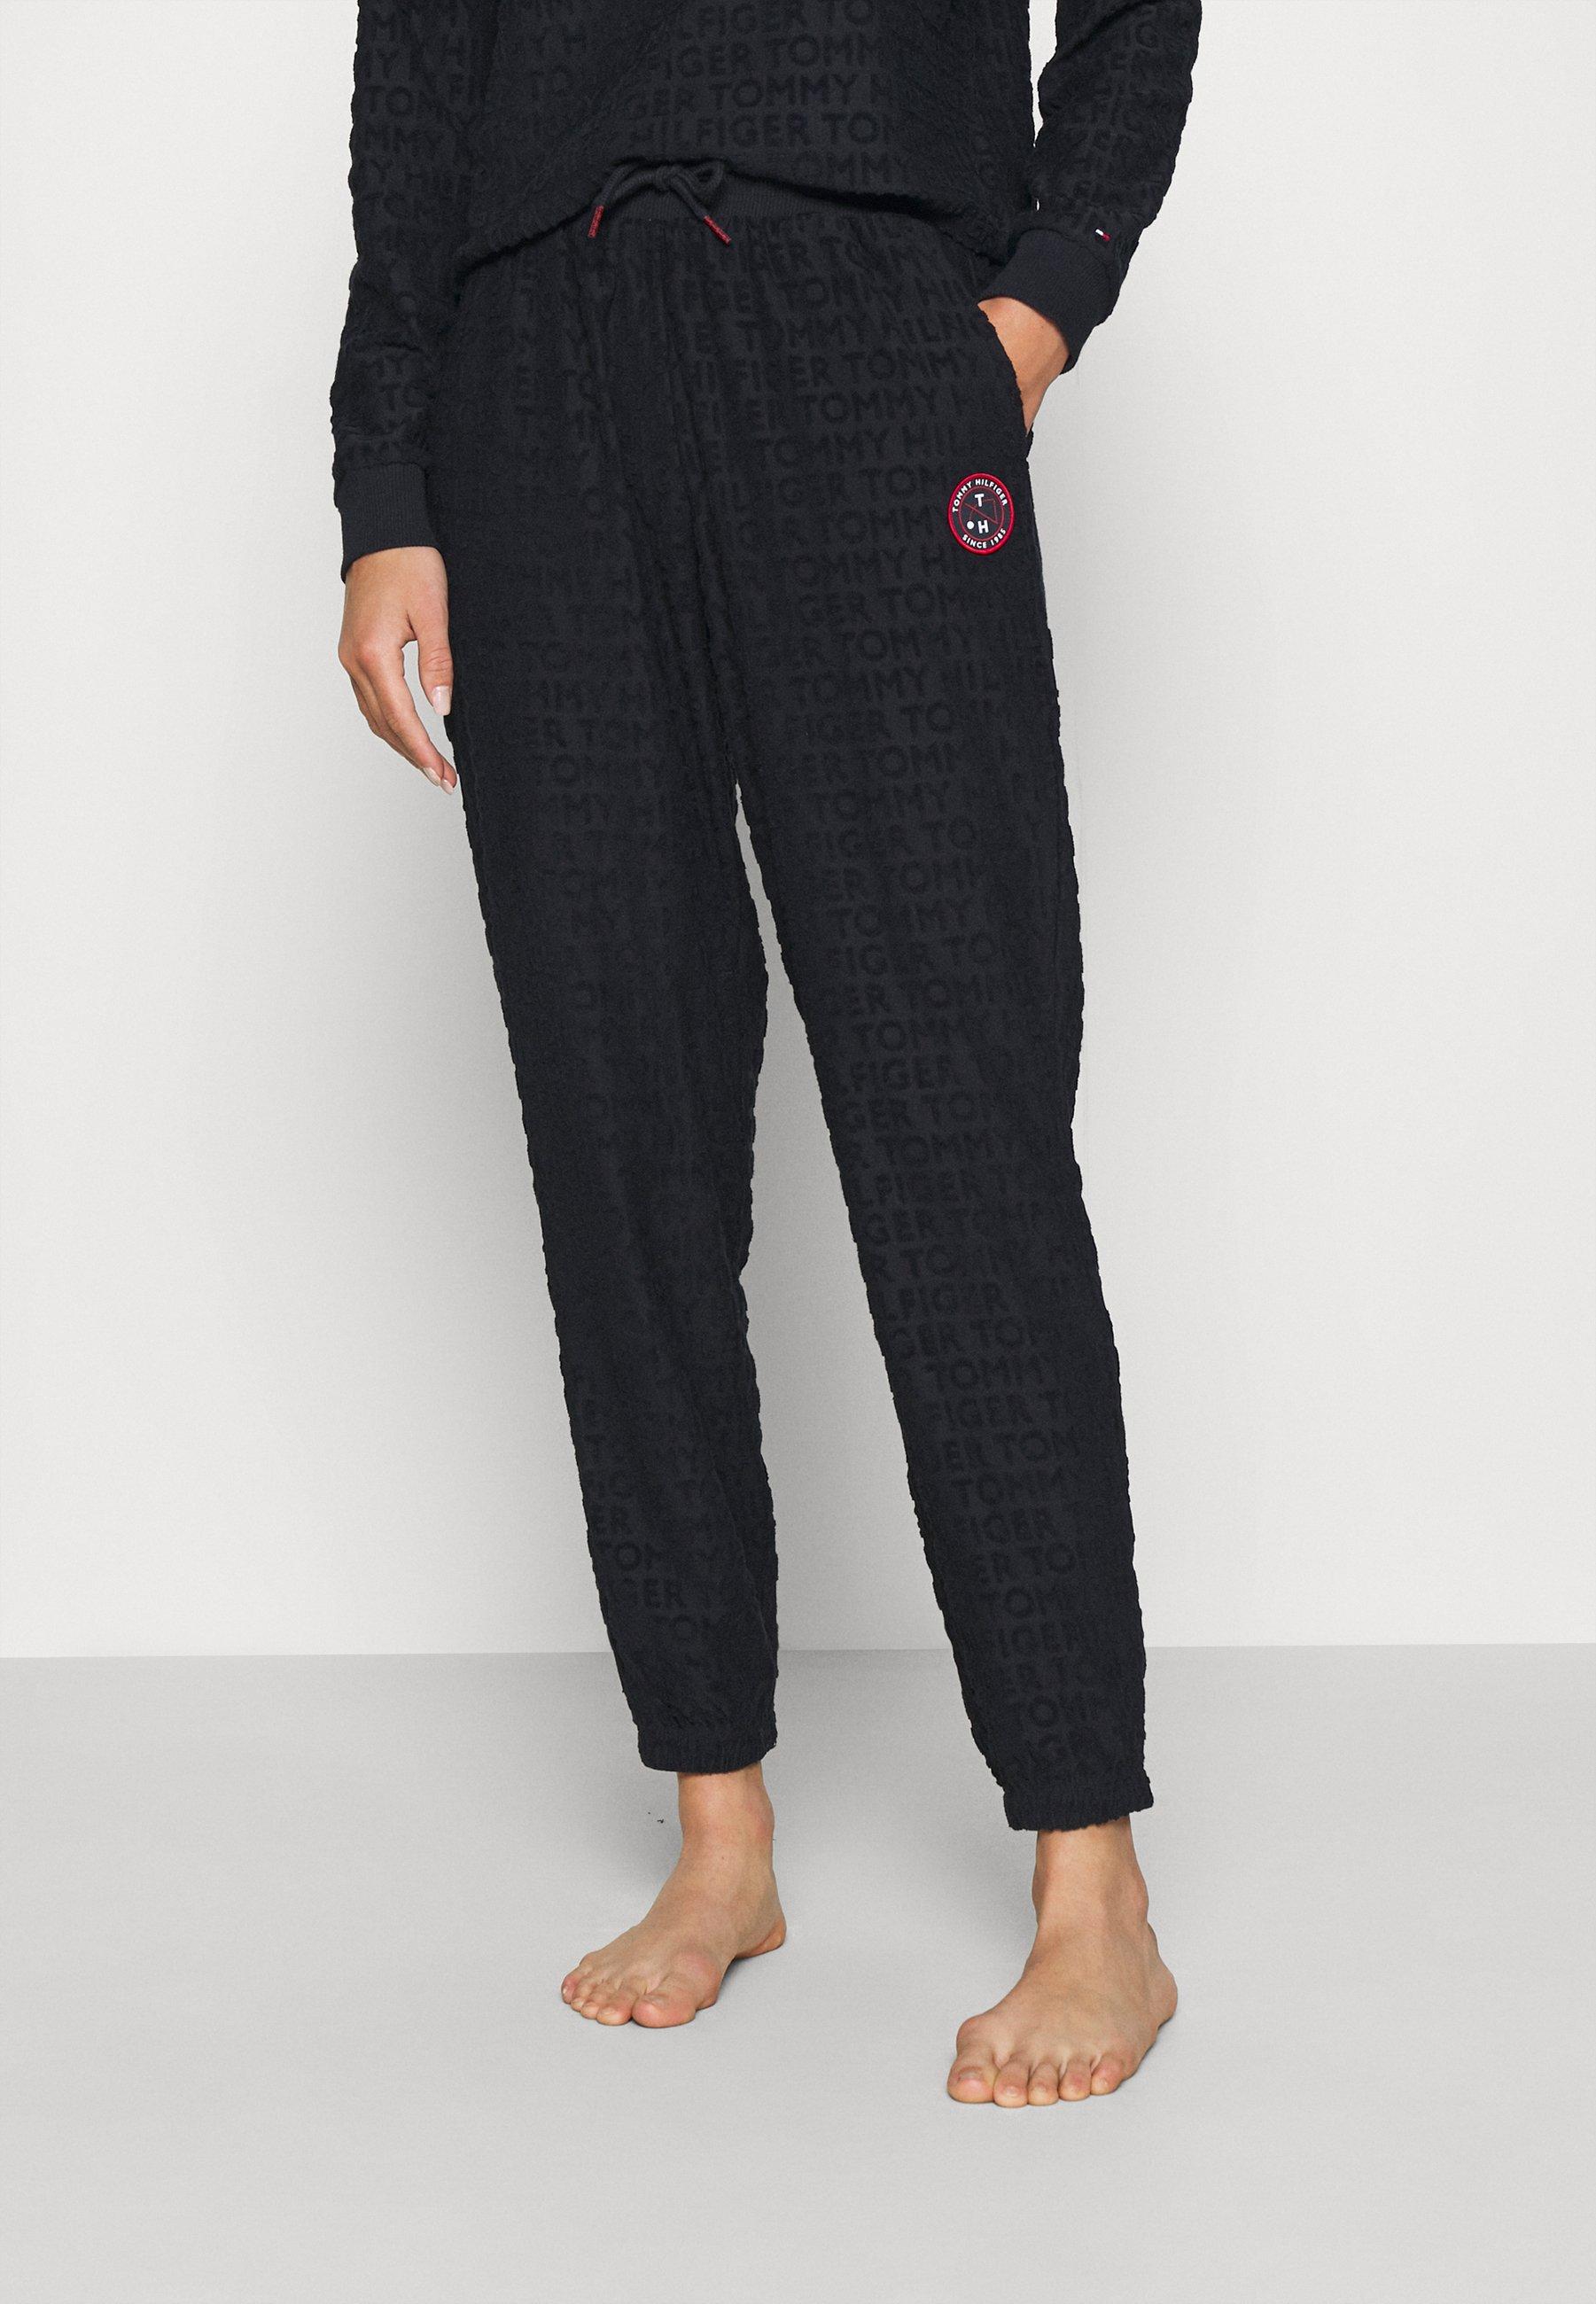 Damen RETRO TOWELLING PANT - Nachtwäsche Hose